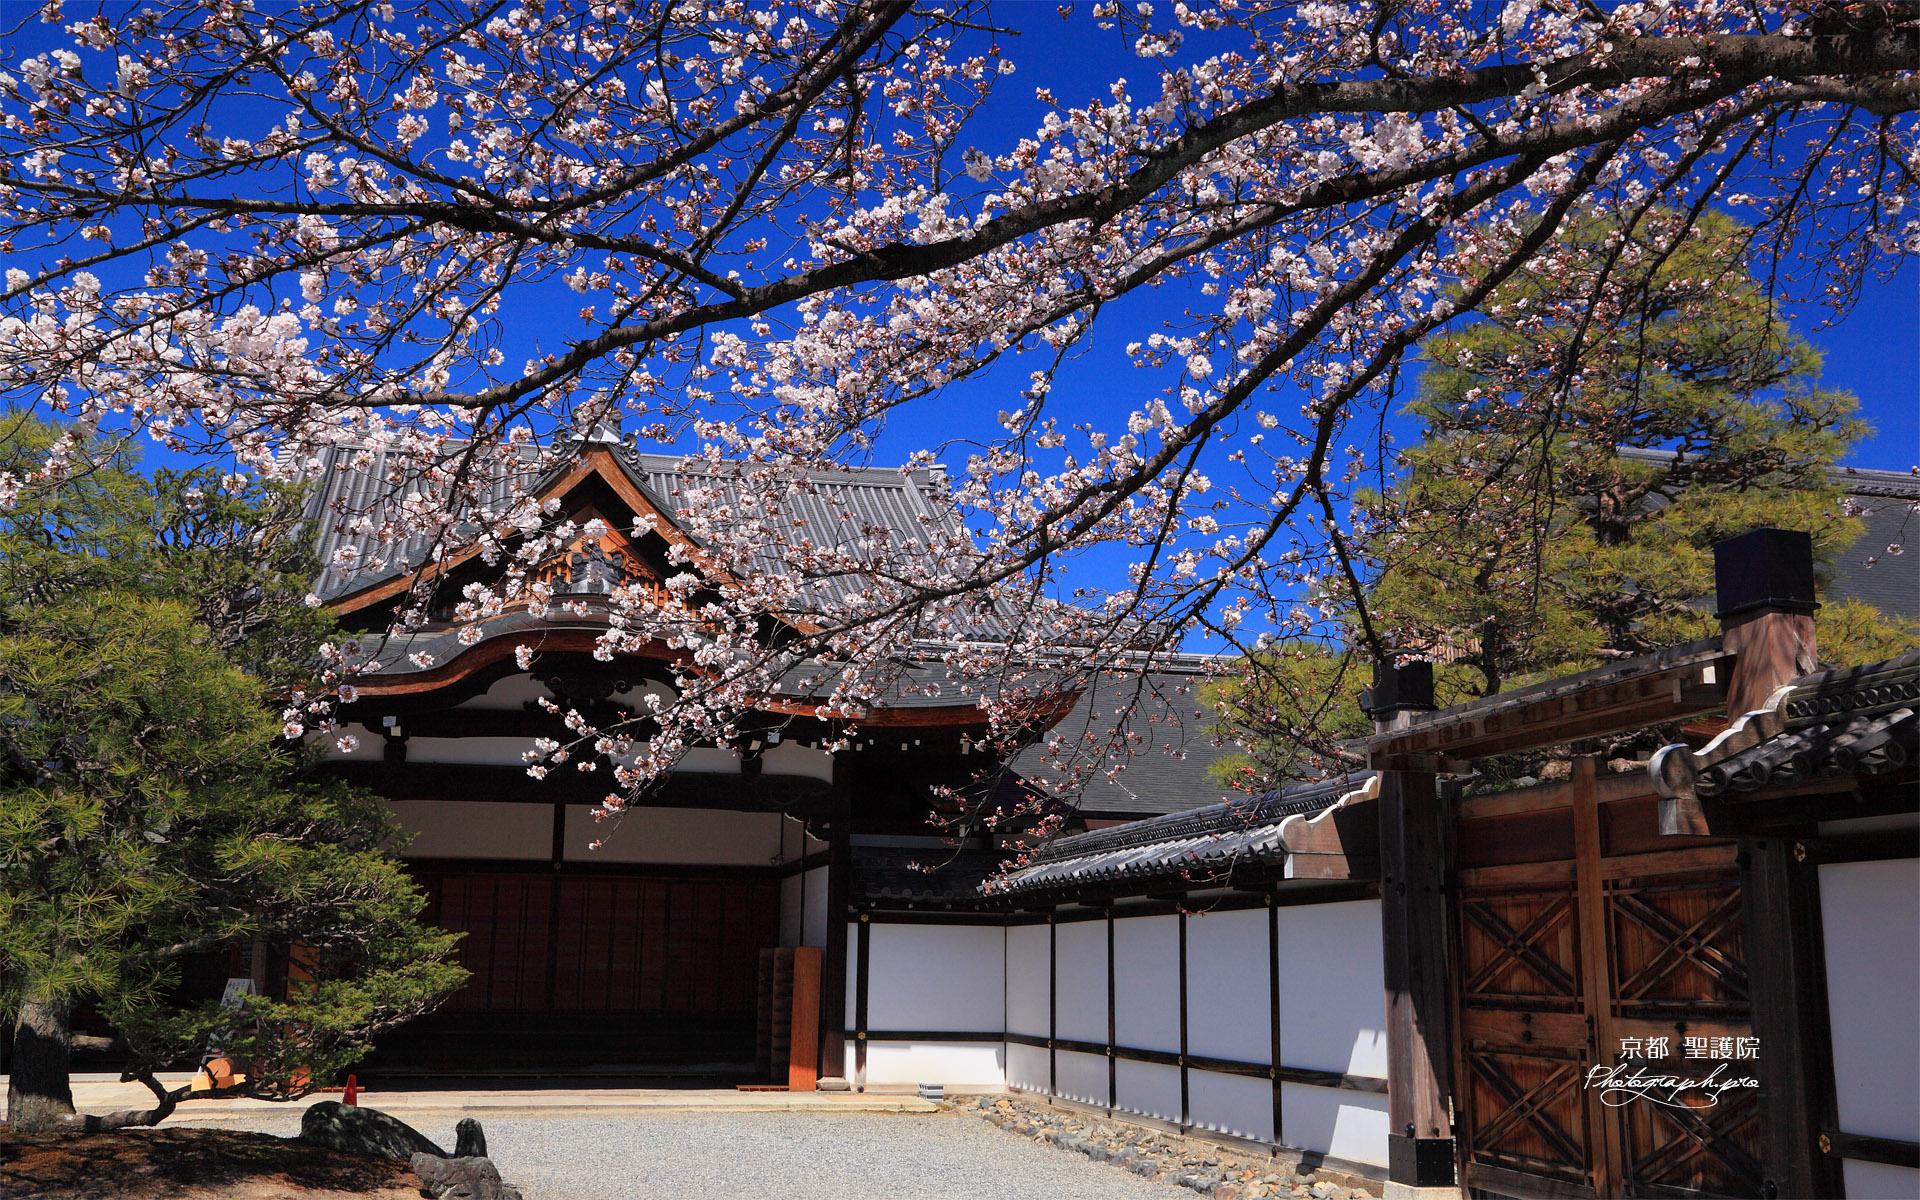 聖護院 吉野桜と玄関